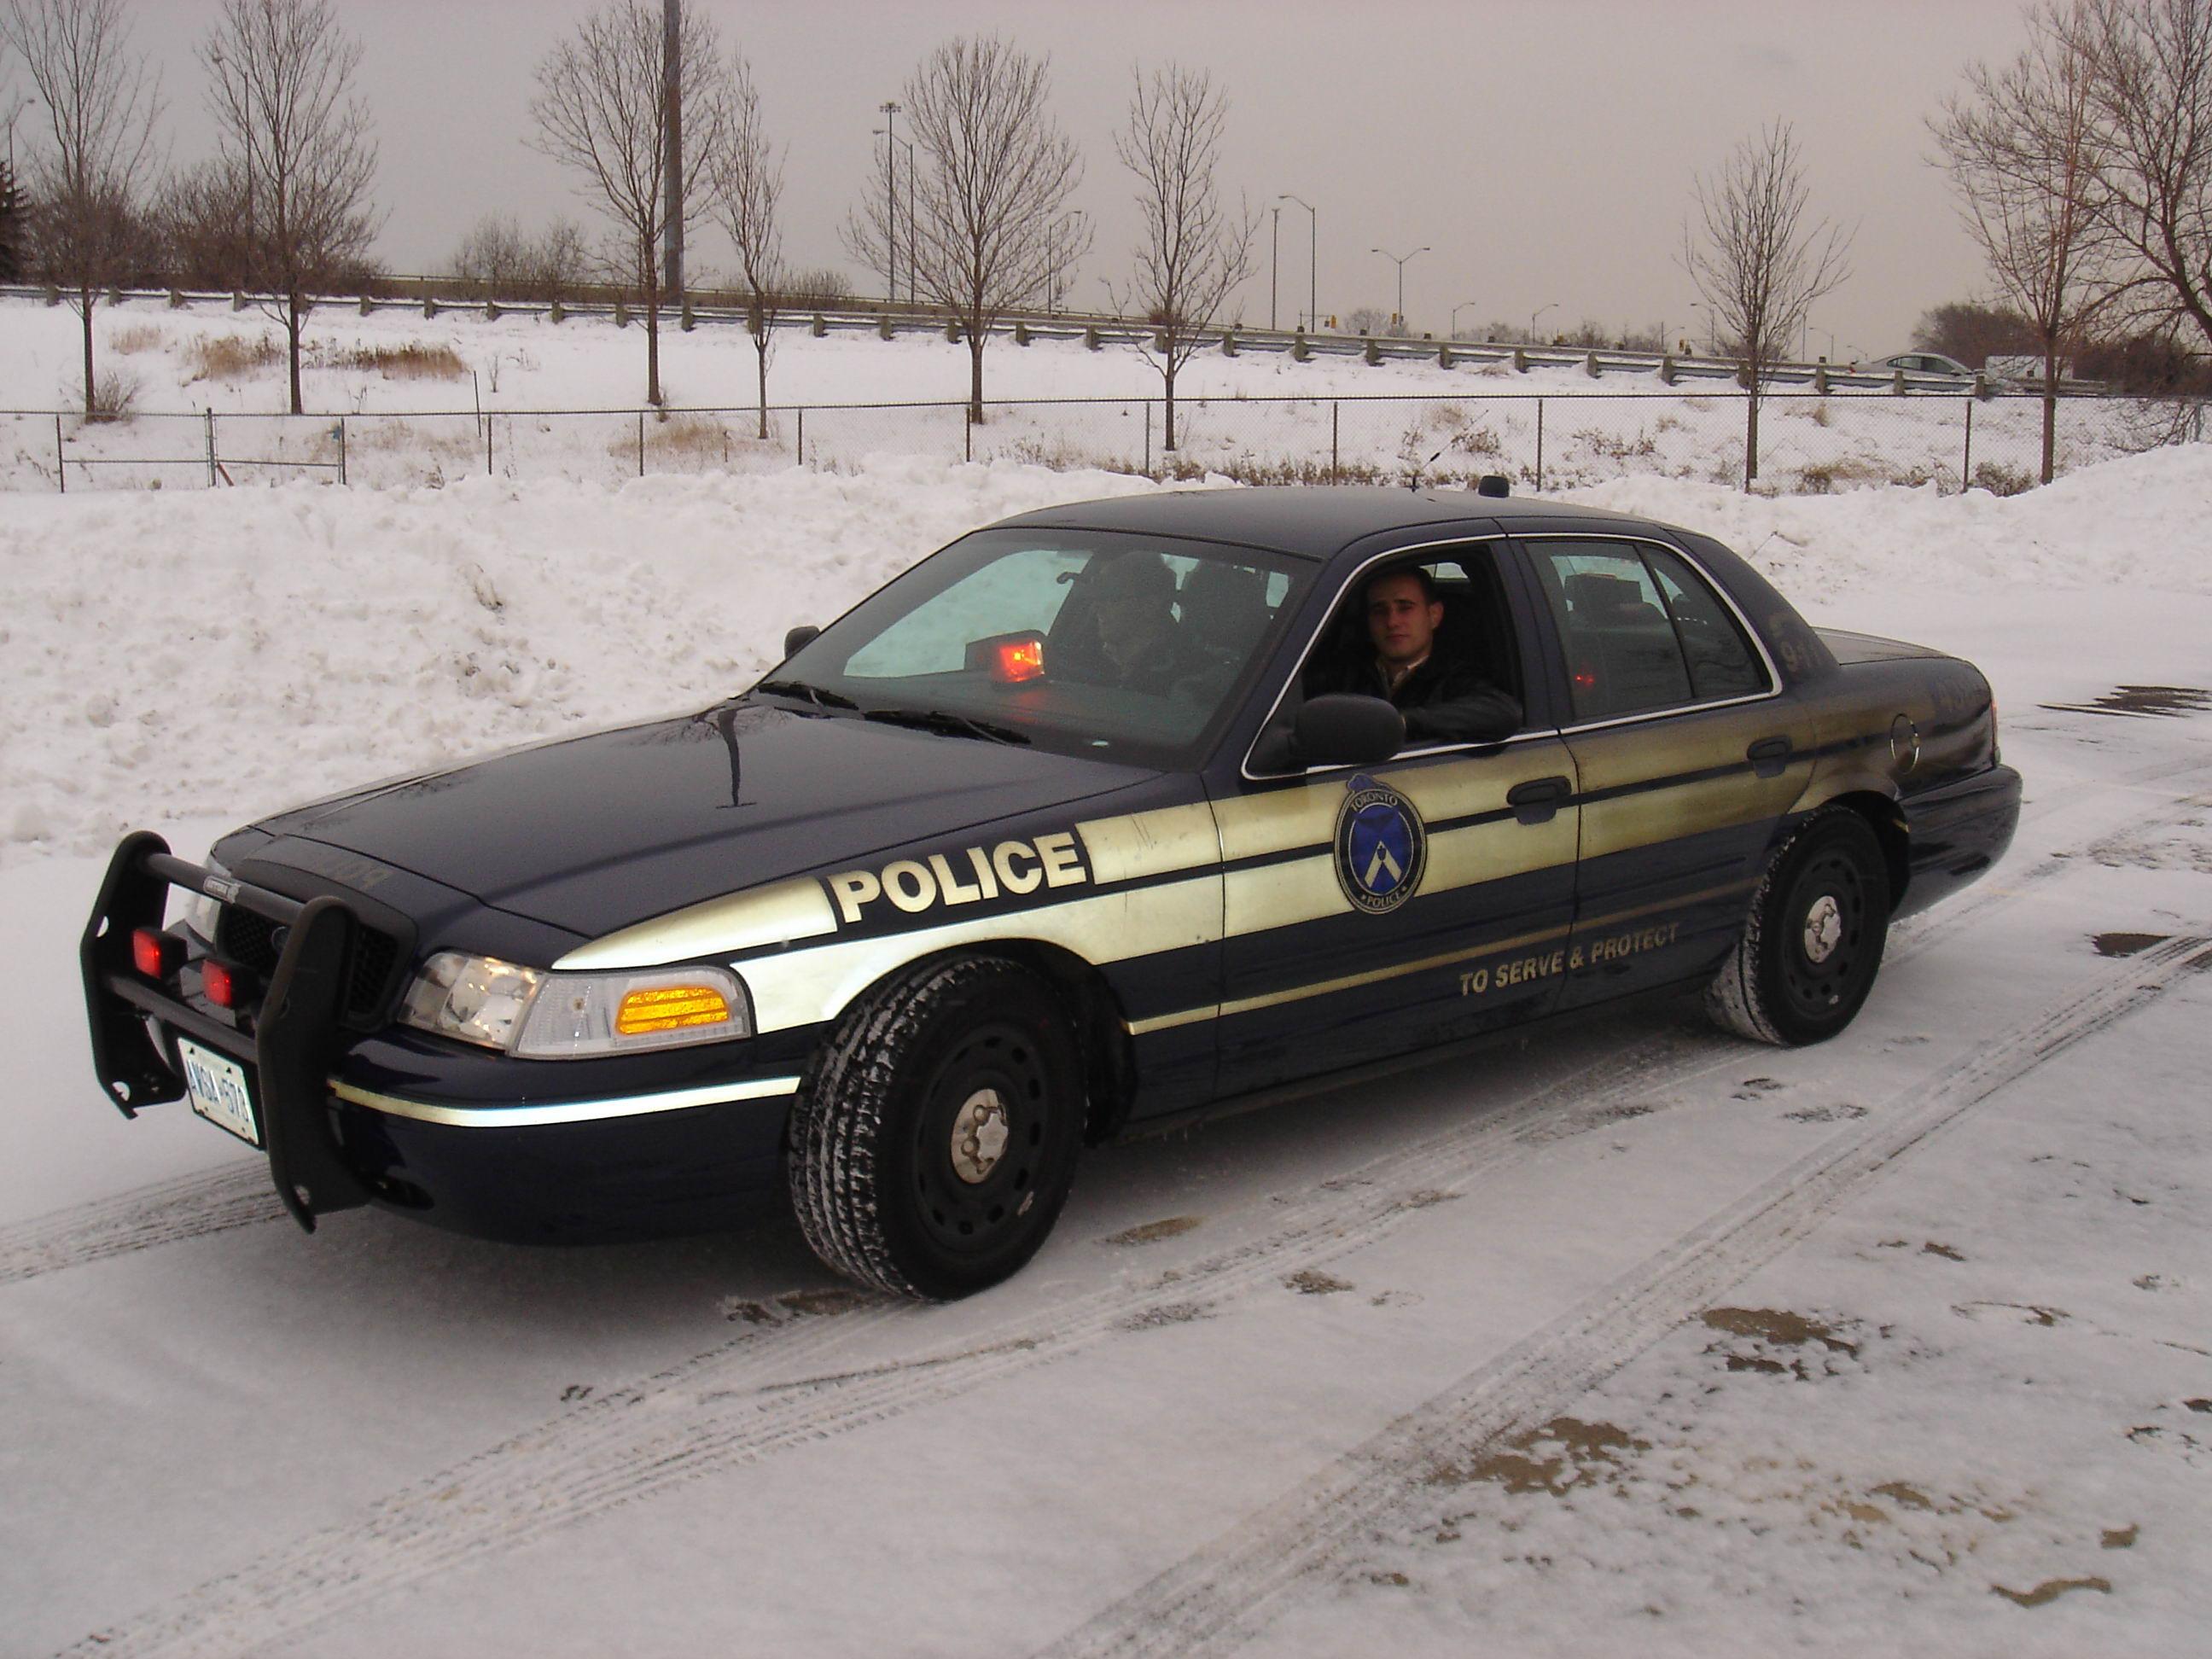 Cop_Car_Dec_21,_2005_010.jpg